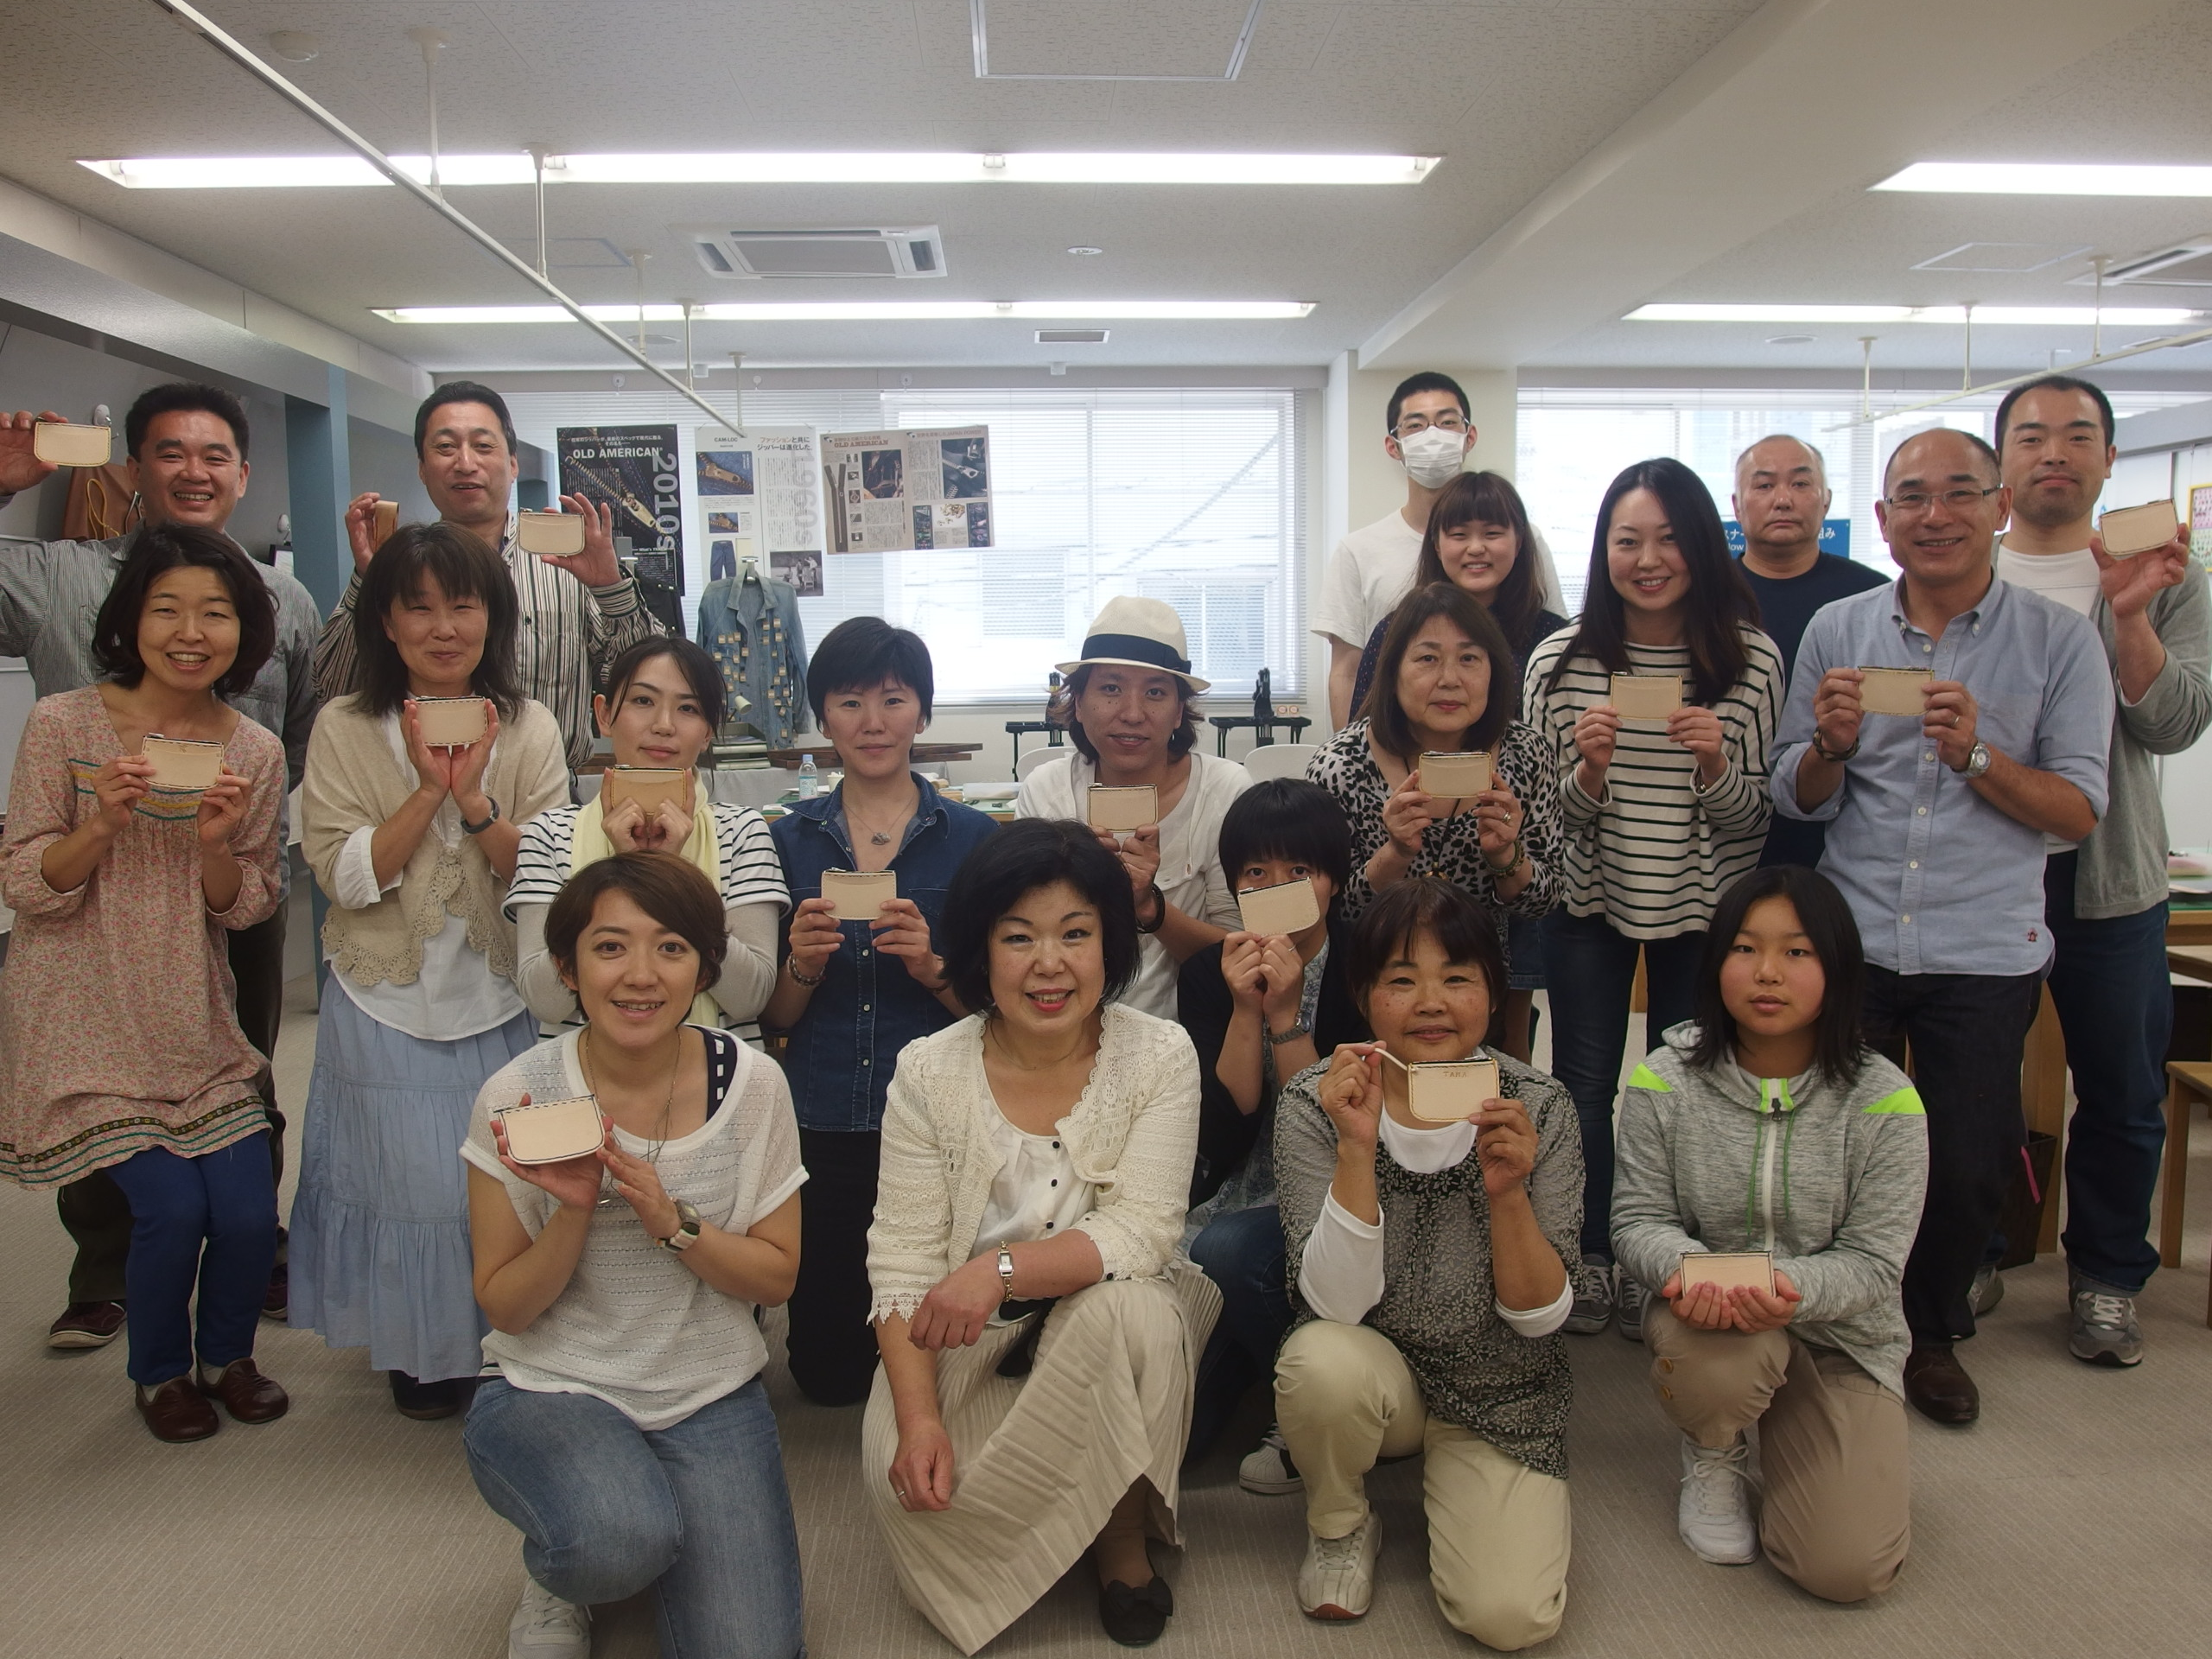 アドバイザーの大澤さんを囲んで記念撮影(29日の参加者の皆さん)